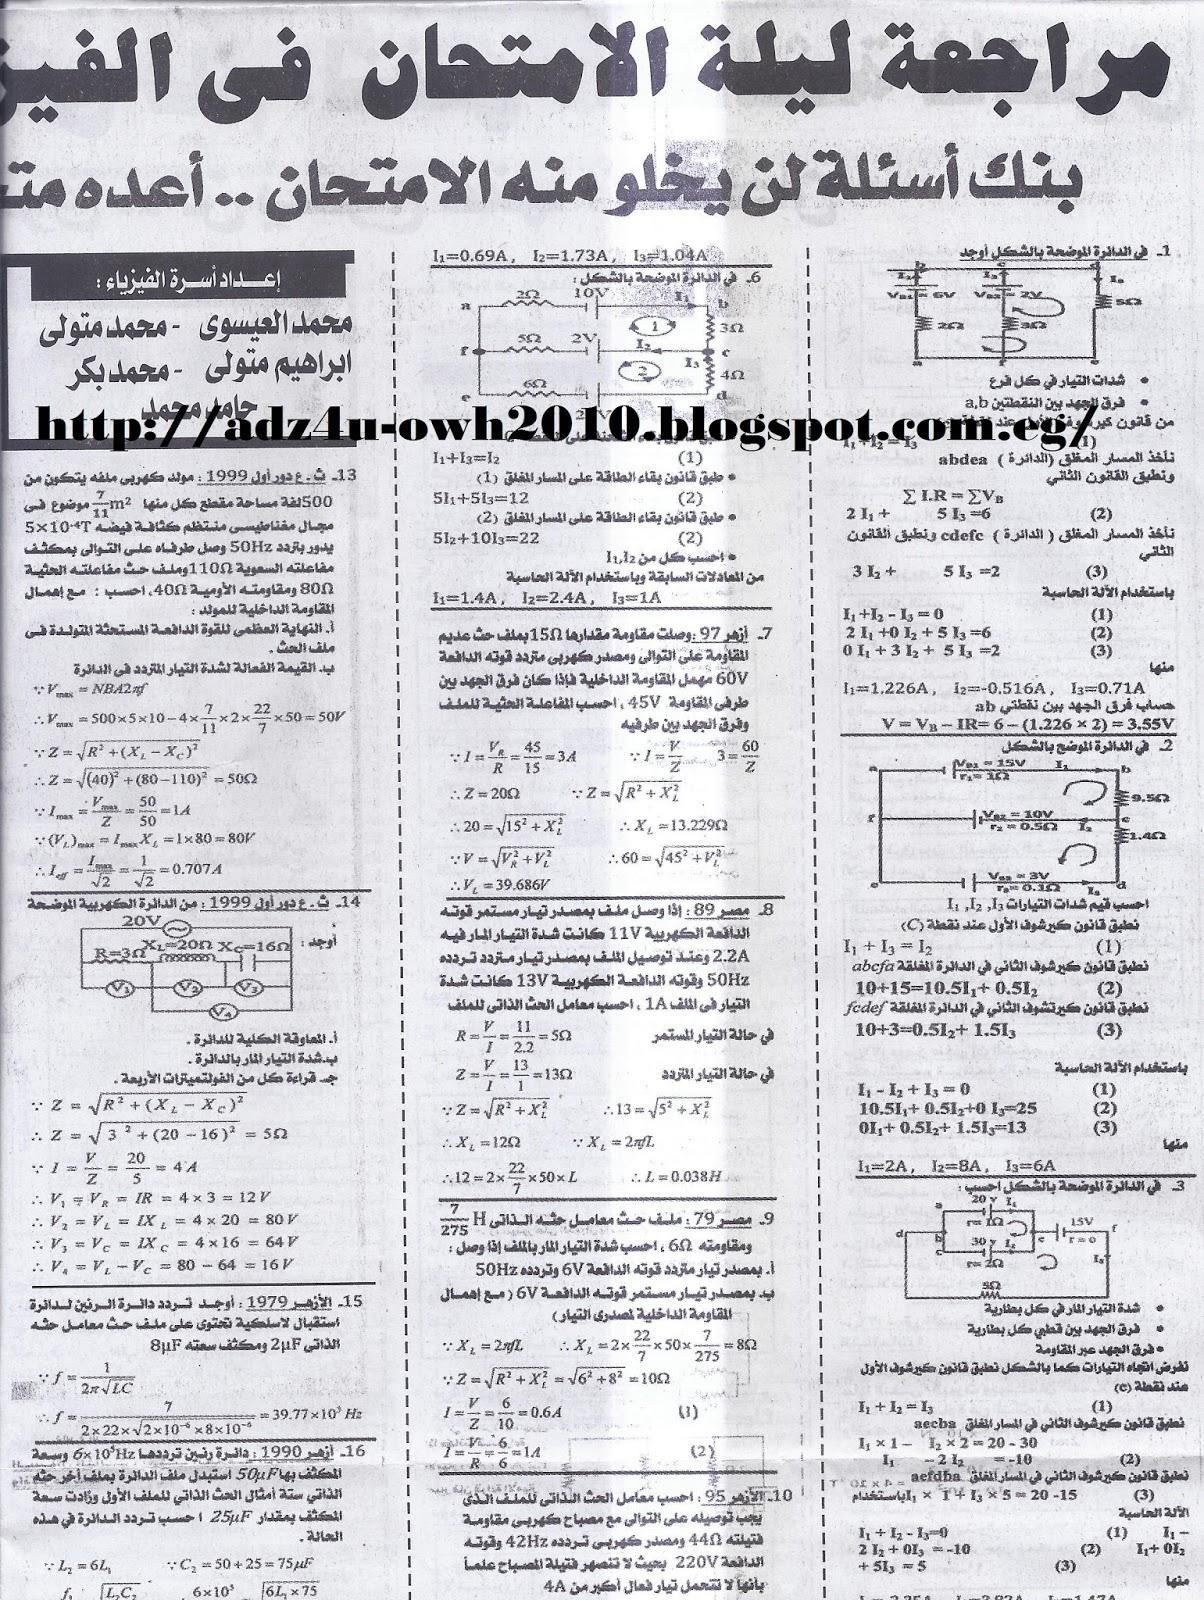 ننشر .. اخر مراجعة لامتحان الفيزياء (عربى ولغات) للثانوية العامة 2016  5